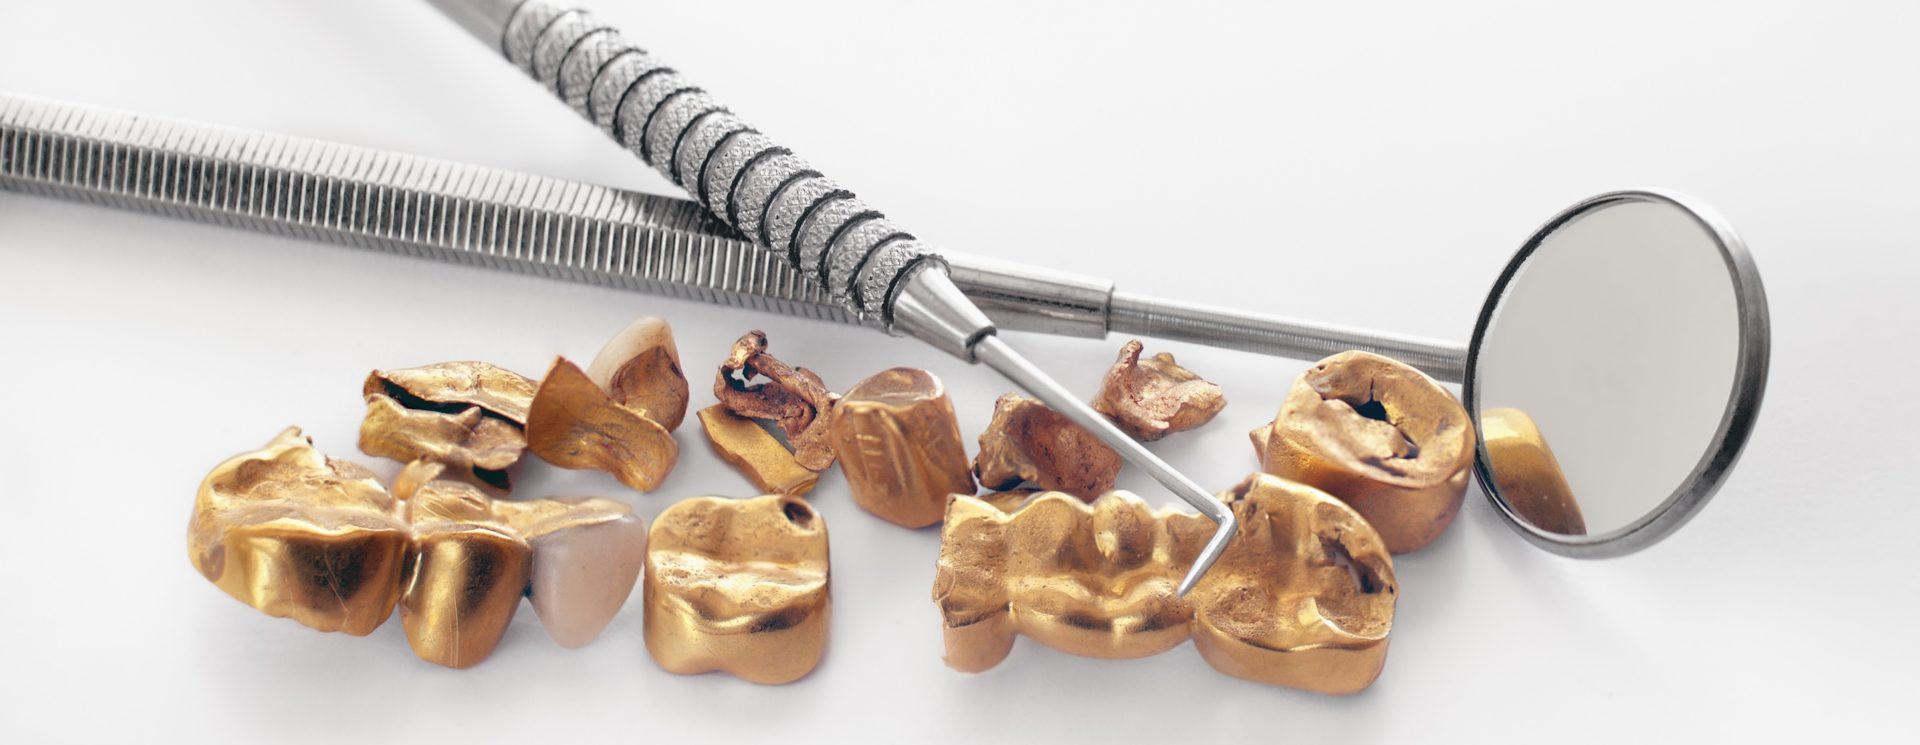 Zahngold-verkaufen_Privat-und Geschäftskunden Zahngold-verkaufen_Zahngold-ankaufen_Aurax Edelmetallhandel GmbH